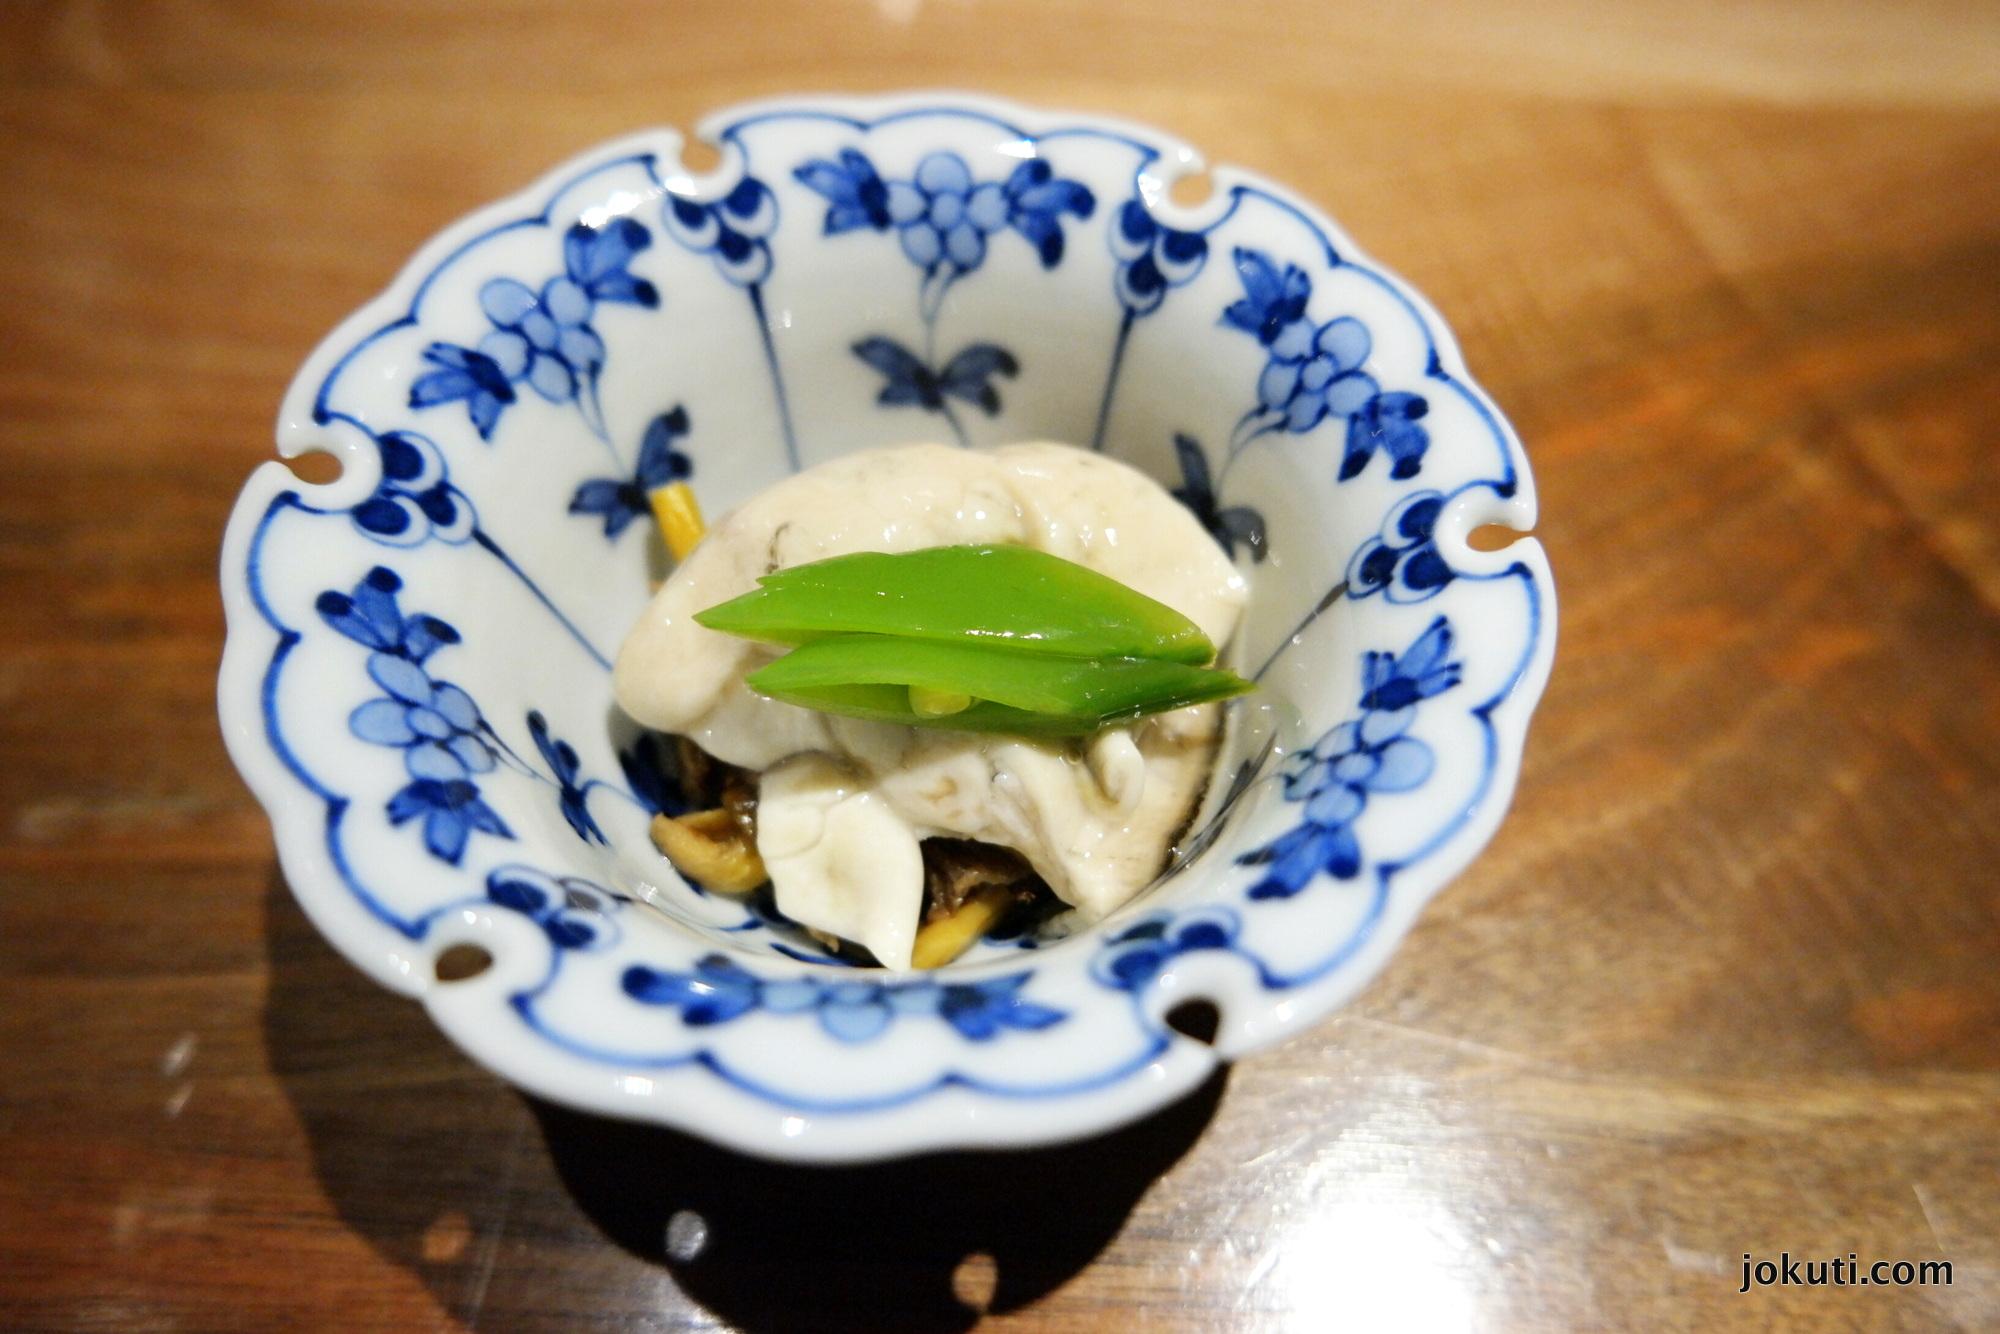 Pearl Blanche No. 2 osztriga sóban marinálva, fekete trombitagombával és cukorborsóval.